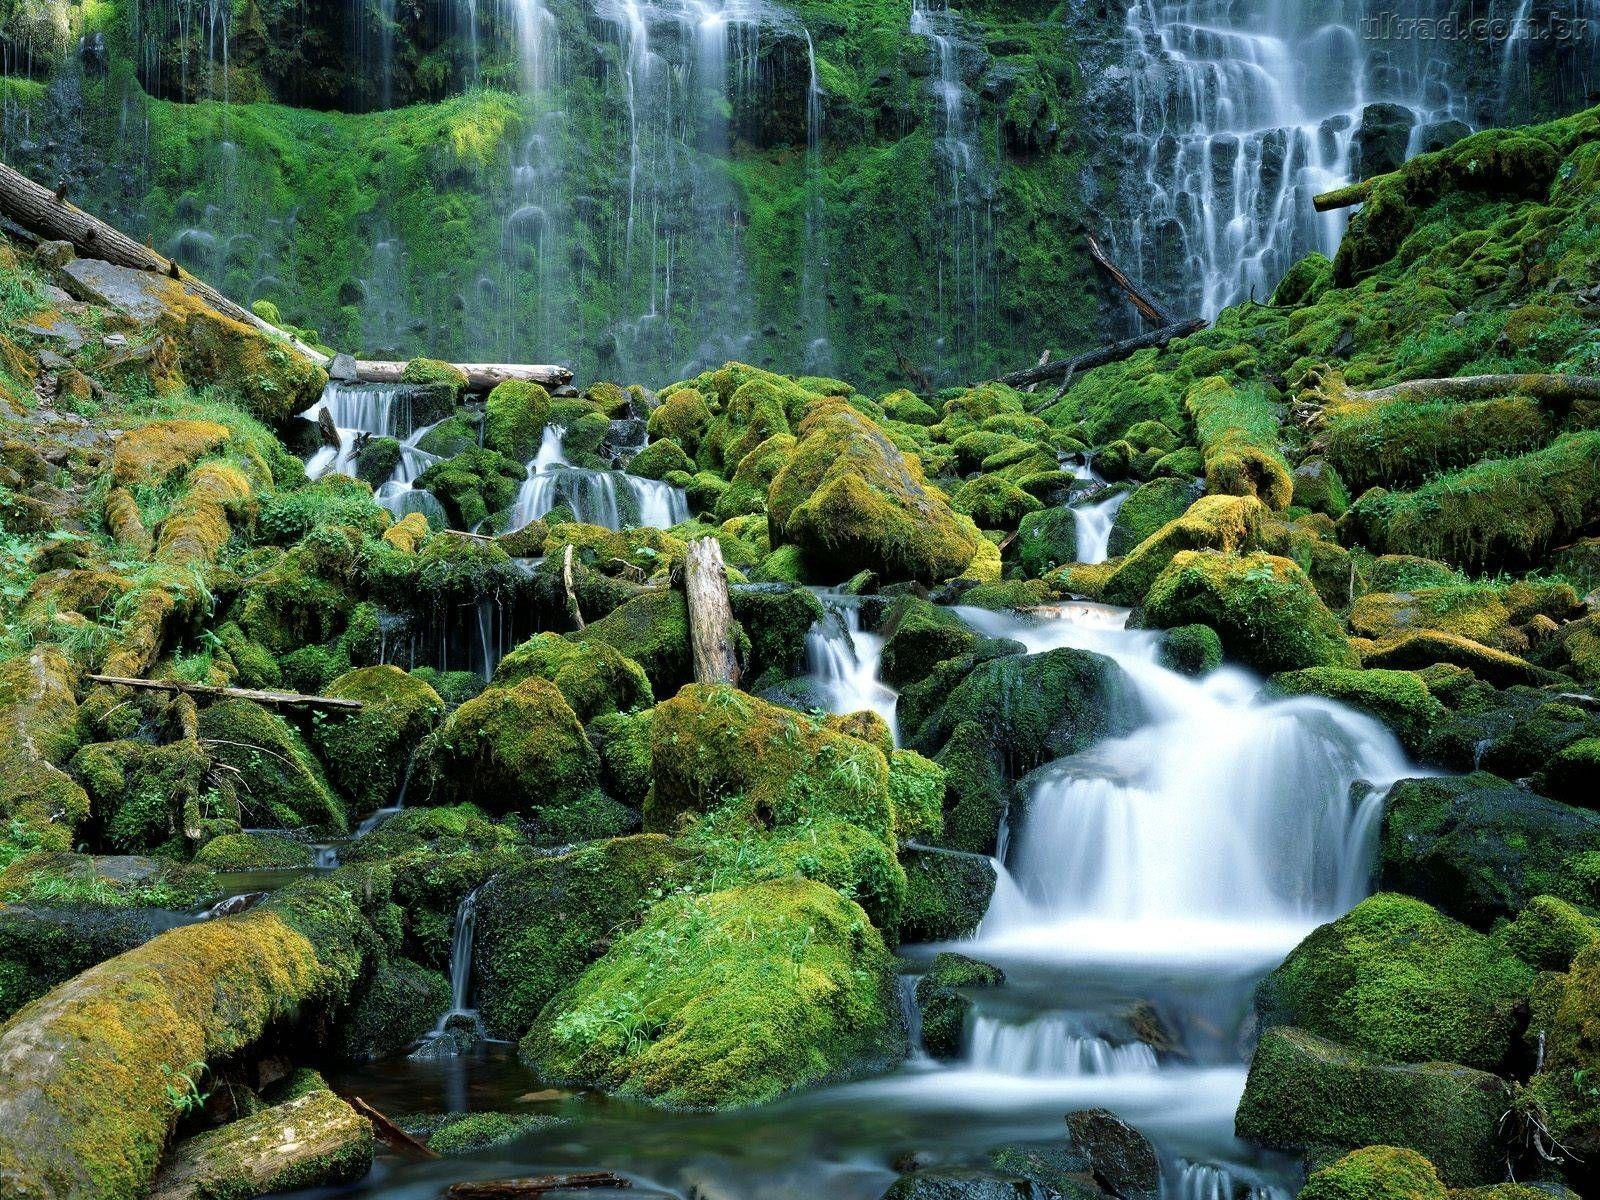 Harmony http://www.pinterest.com/pin/find/?url=http%3A%2F%2Fimagensface.com.br%2Fimagens%2Fimagens-de-paisagens-naturais